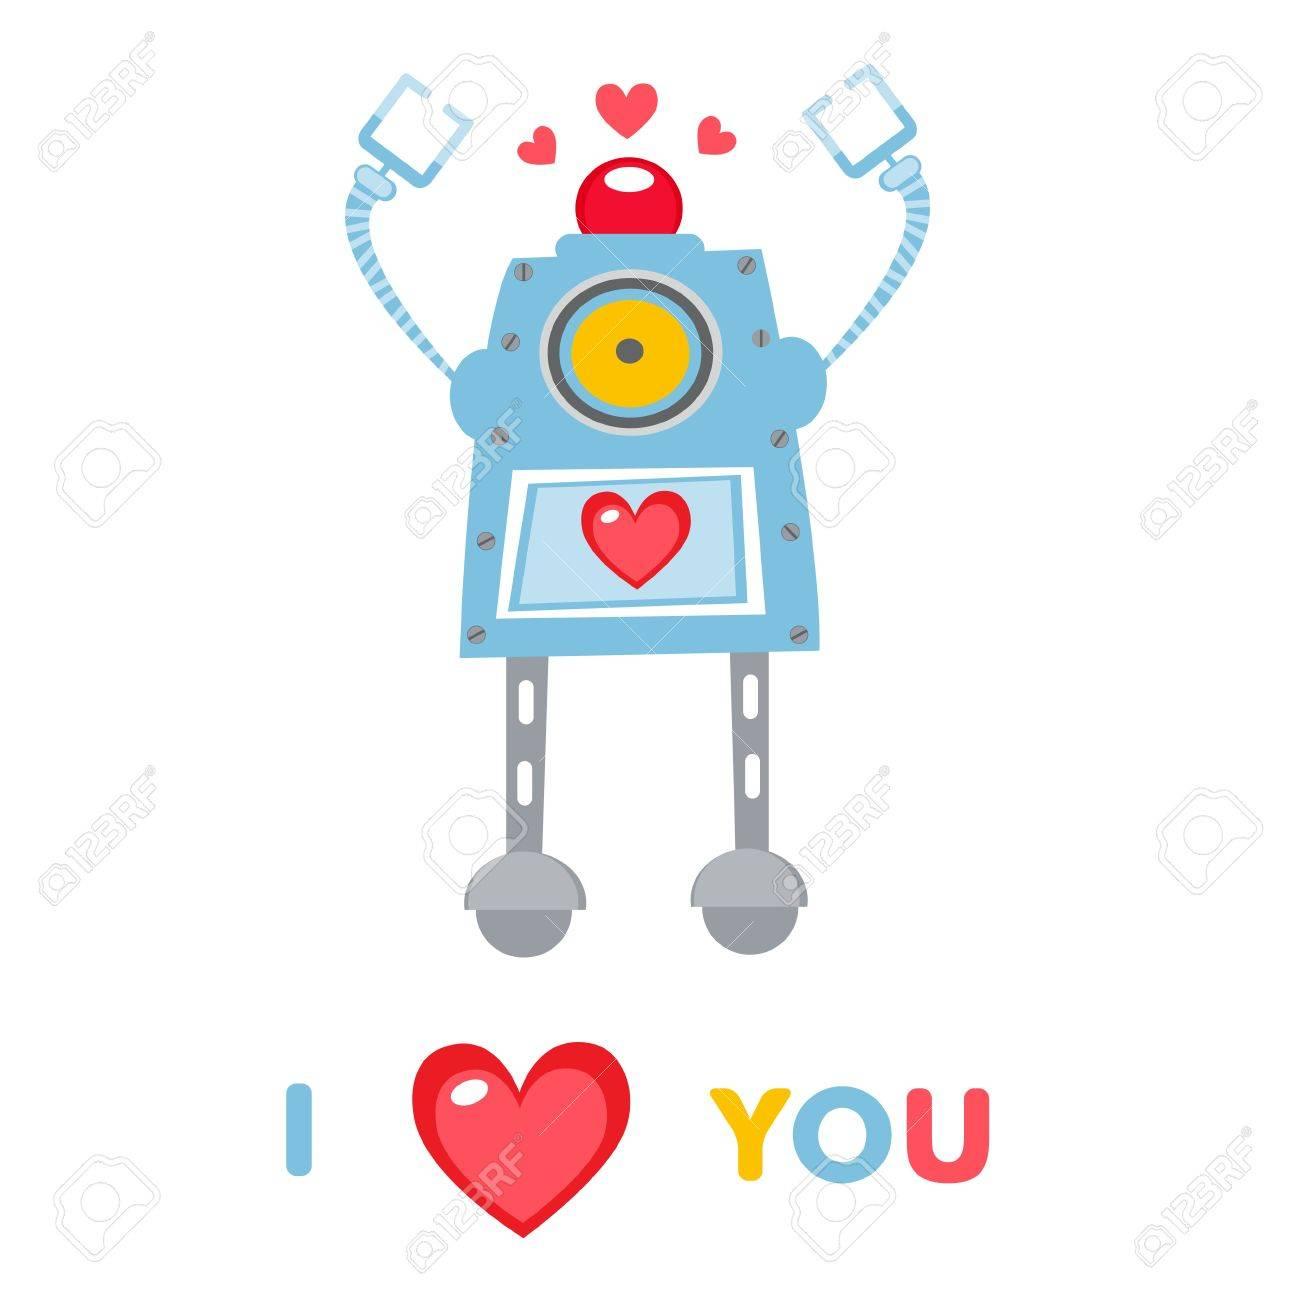 愛のかわいいロボットのイラストのイラスト素材ベクタ Image 17593772